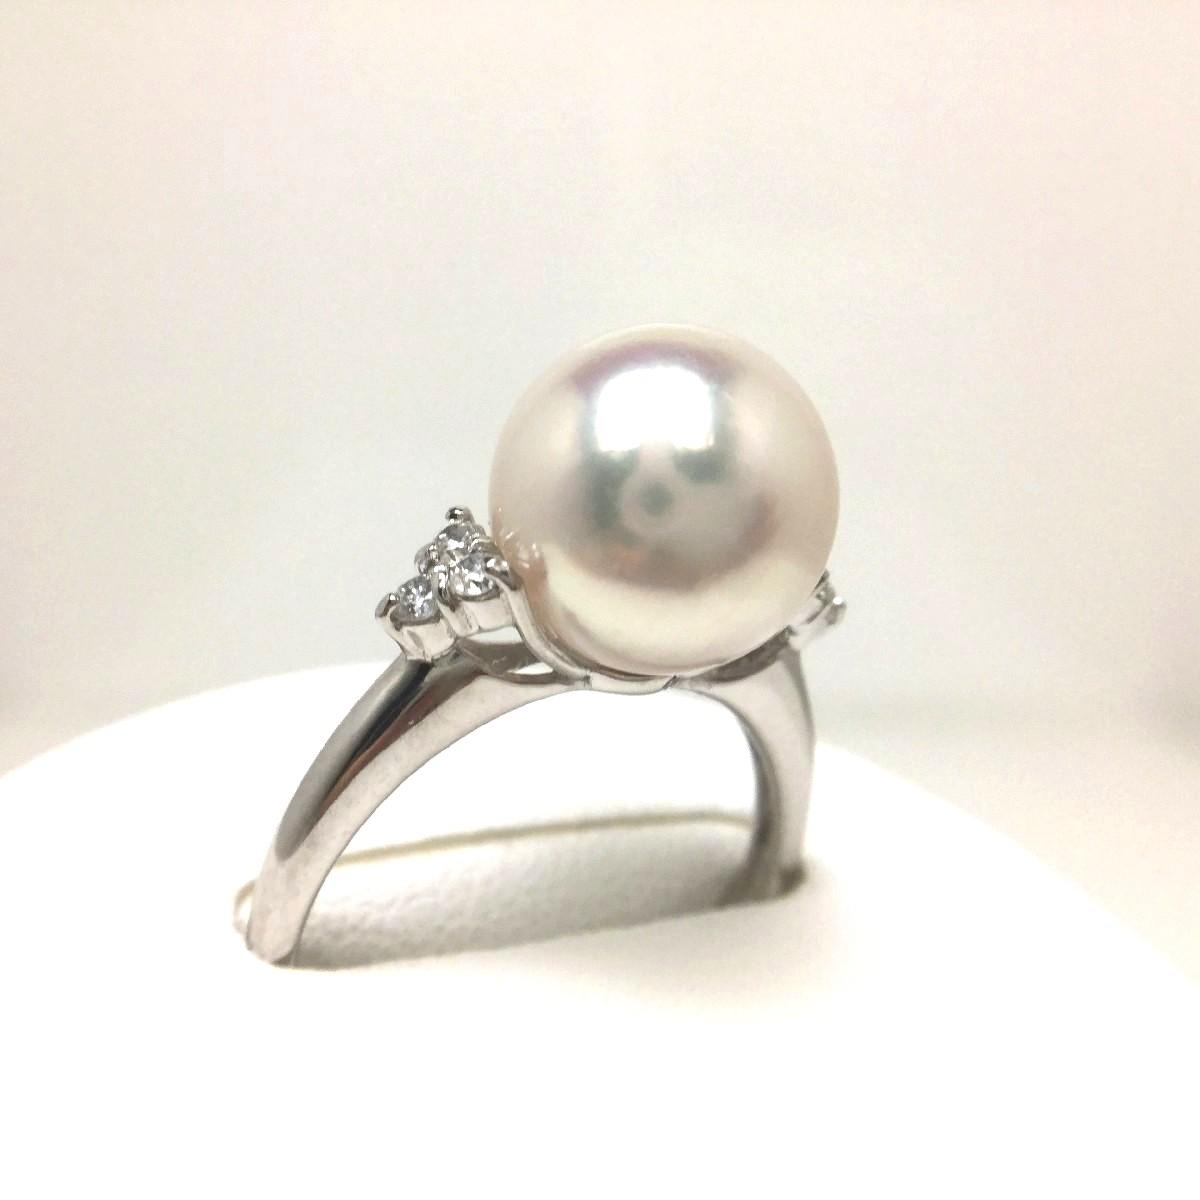 真珠 リング パール オーロラ・花珠 アコヤ真珠 9.5mm ホワイトピンク Pt900 プラチナ ダイヤ 0.10ct 66423 イソワパール